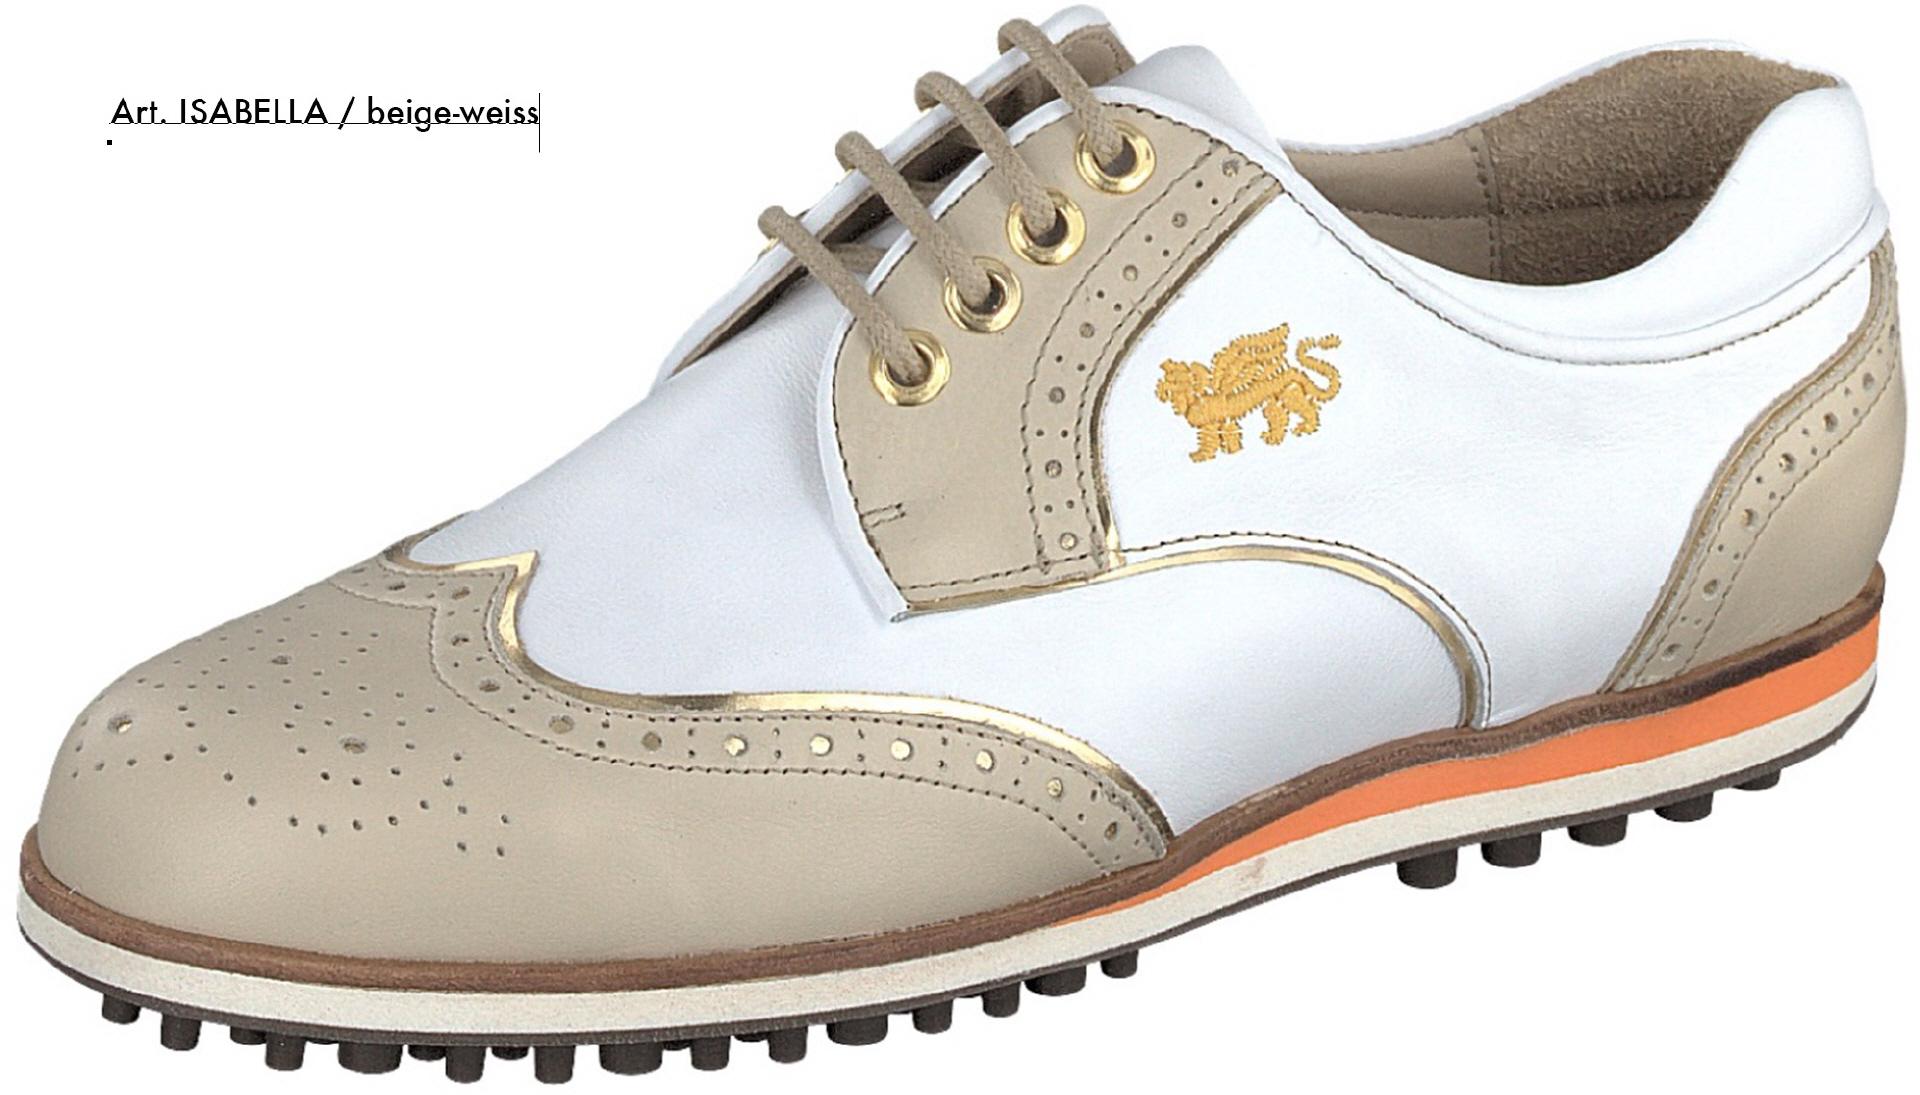 Aerogreen Golfschuh Isabella Größe 39.5 Beige (Beige/Weiß) 5sTsX